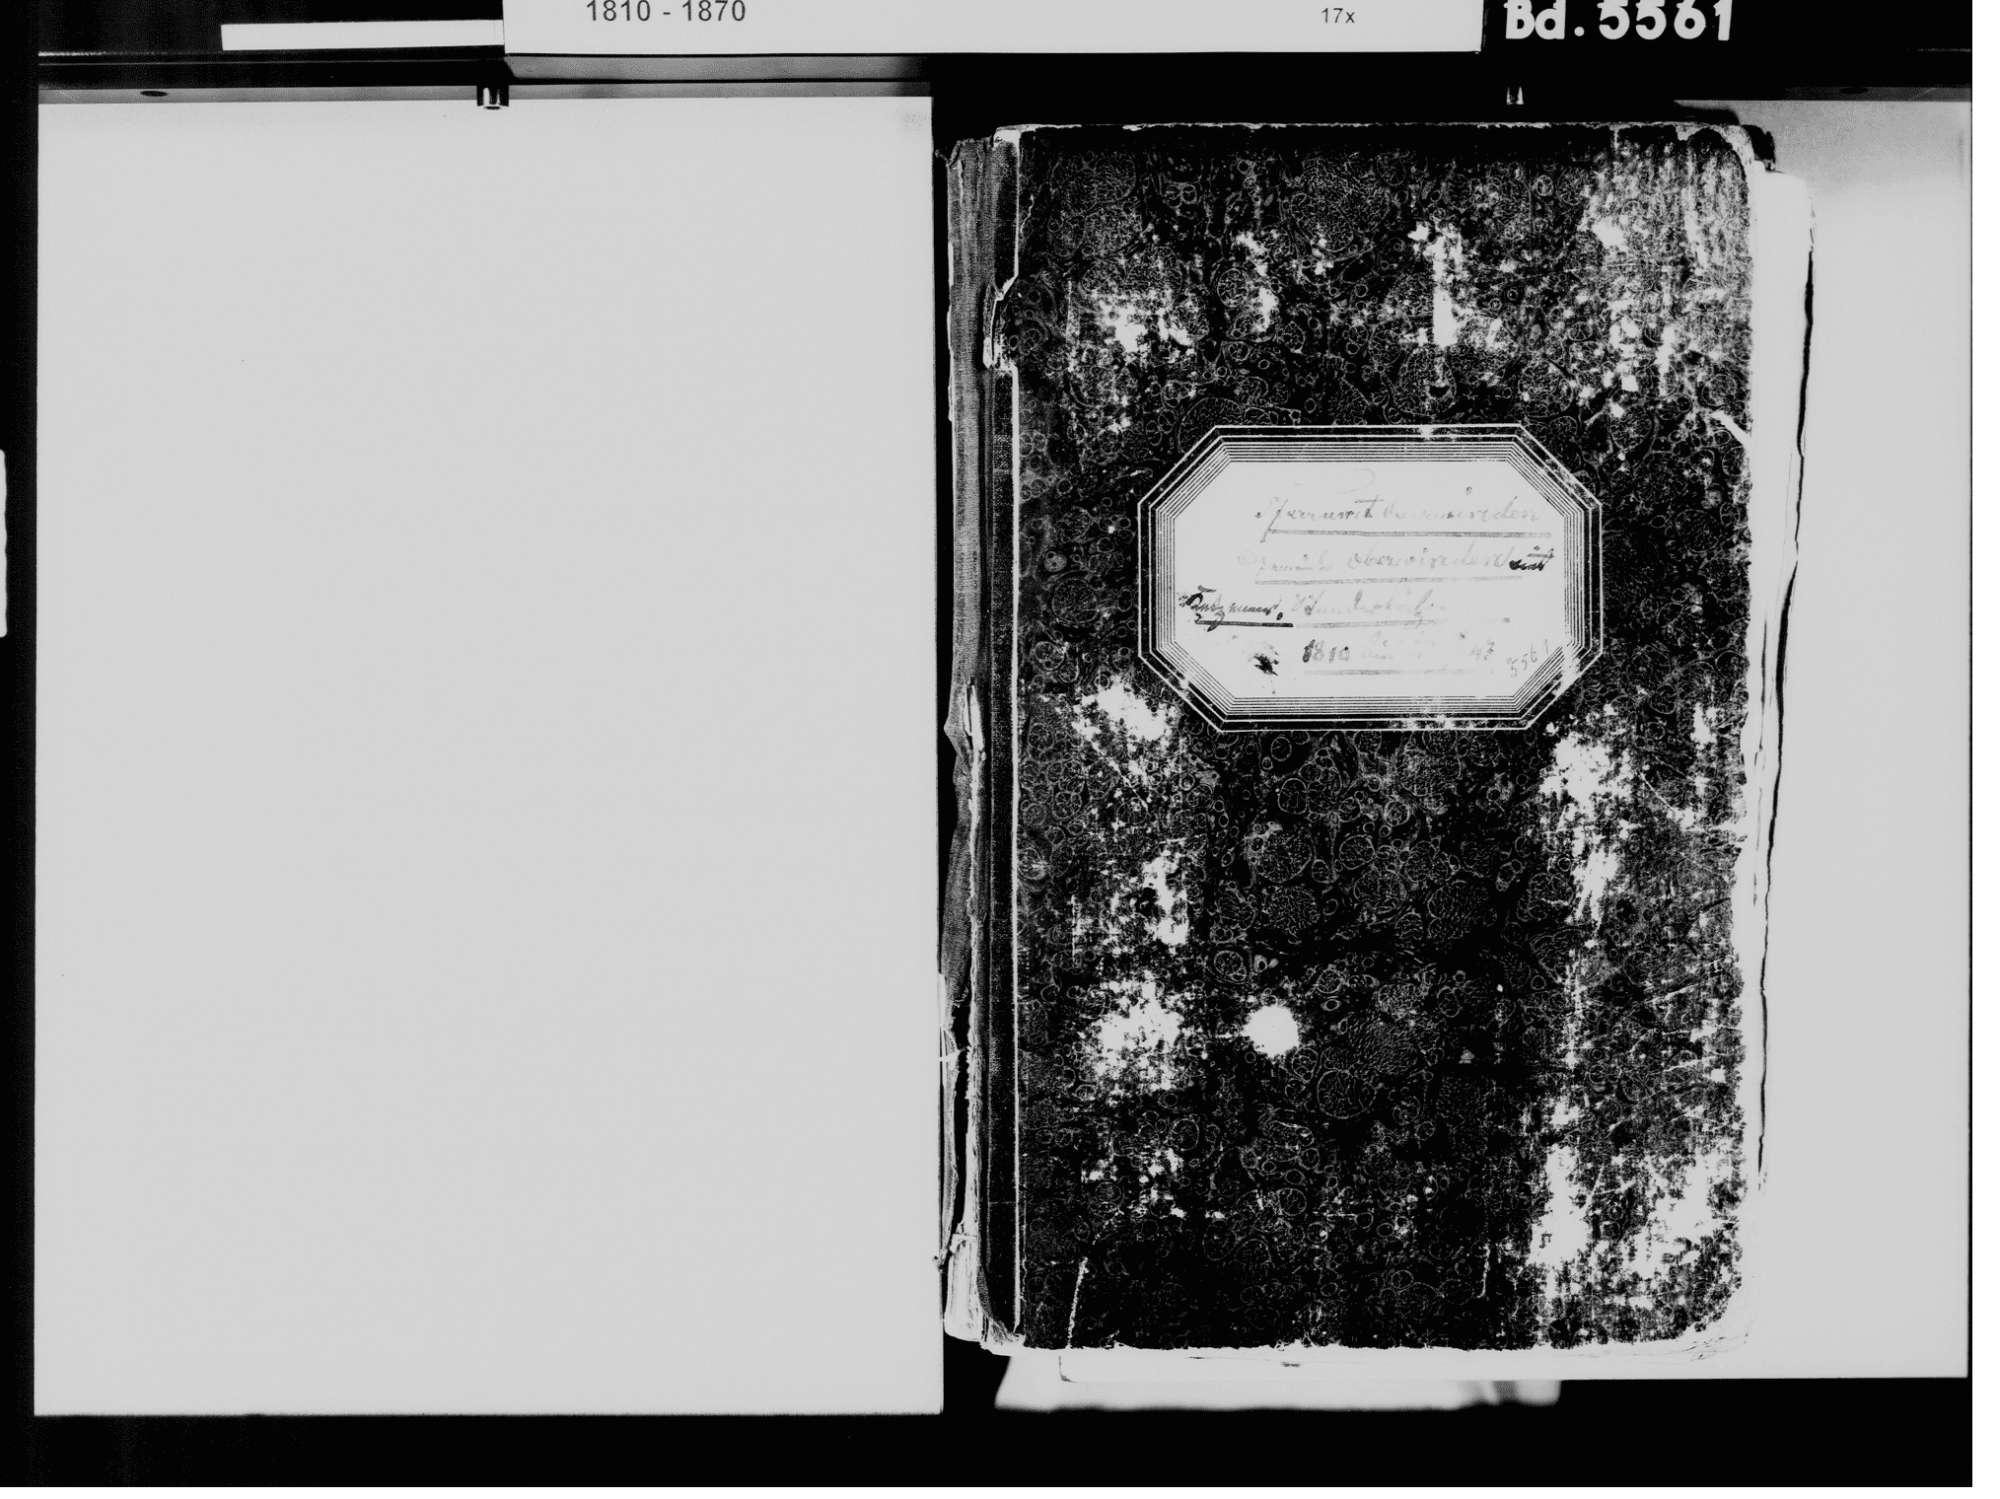 Oberwinden, Winden im Elztal EM; Katholische Gemeinde: Standesbuch 1810-1843, Bild 3